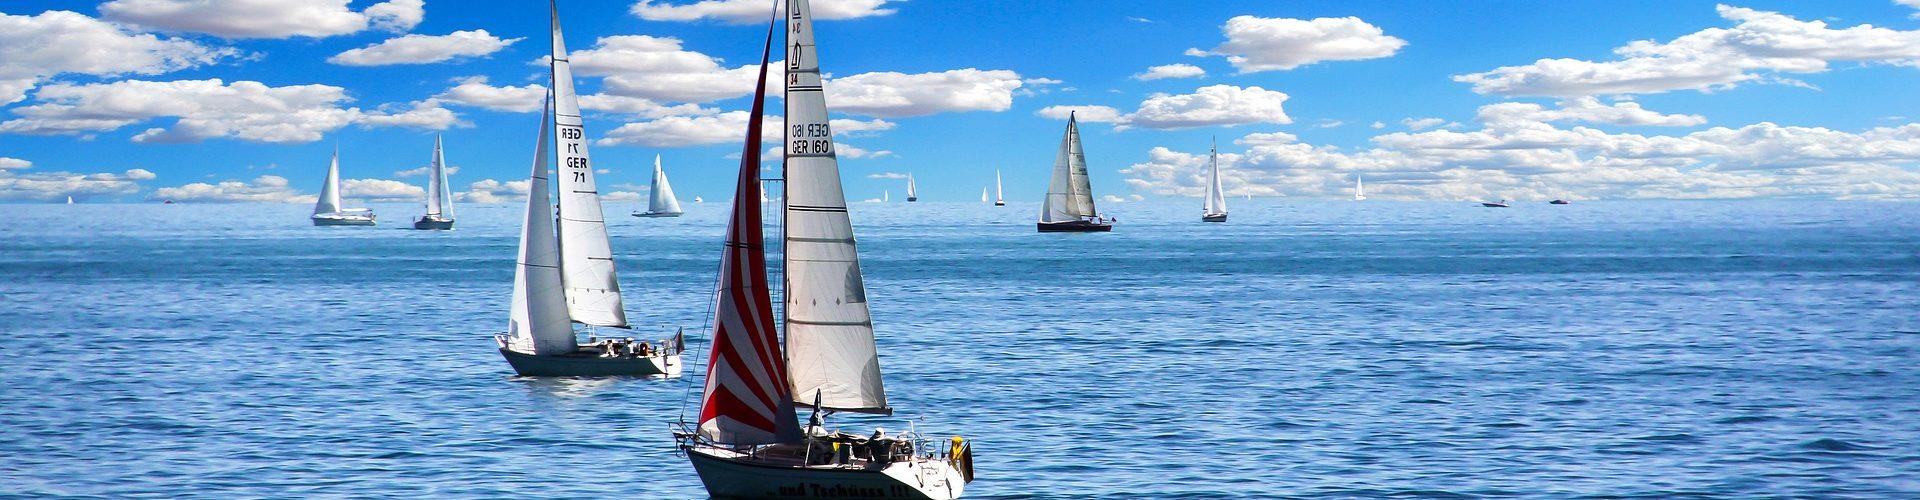 segeln lernen in Niegripp segelschein machen in Niegripp 1920x500 - Segeln lernen in Niegripp